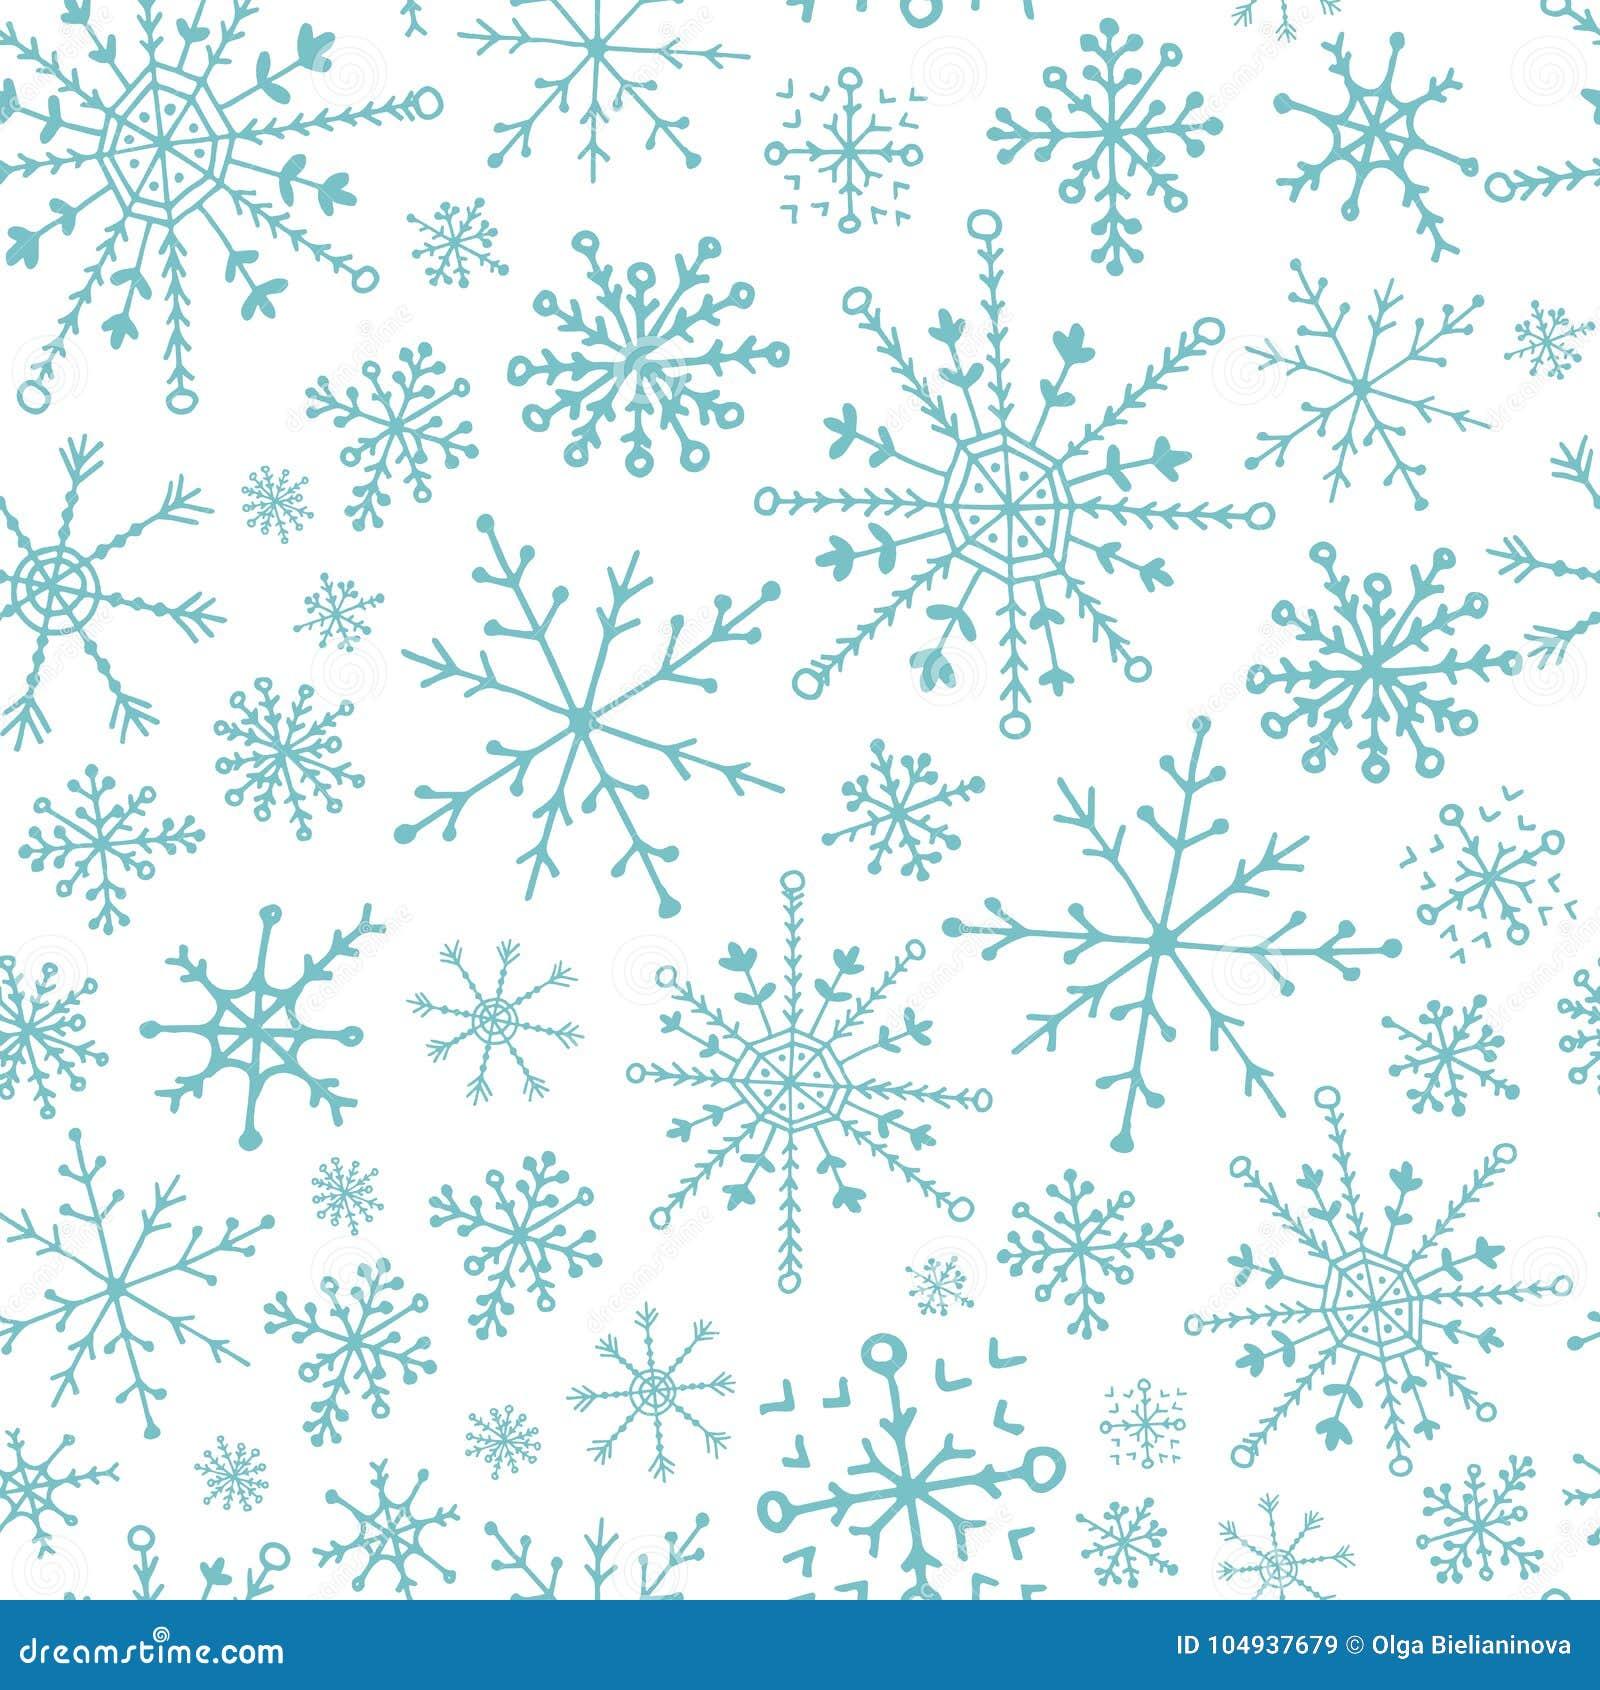 Eiskonigin Schneeflocken Aus Papier Basteln Vorlage 14